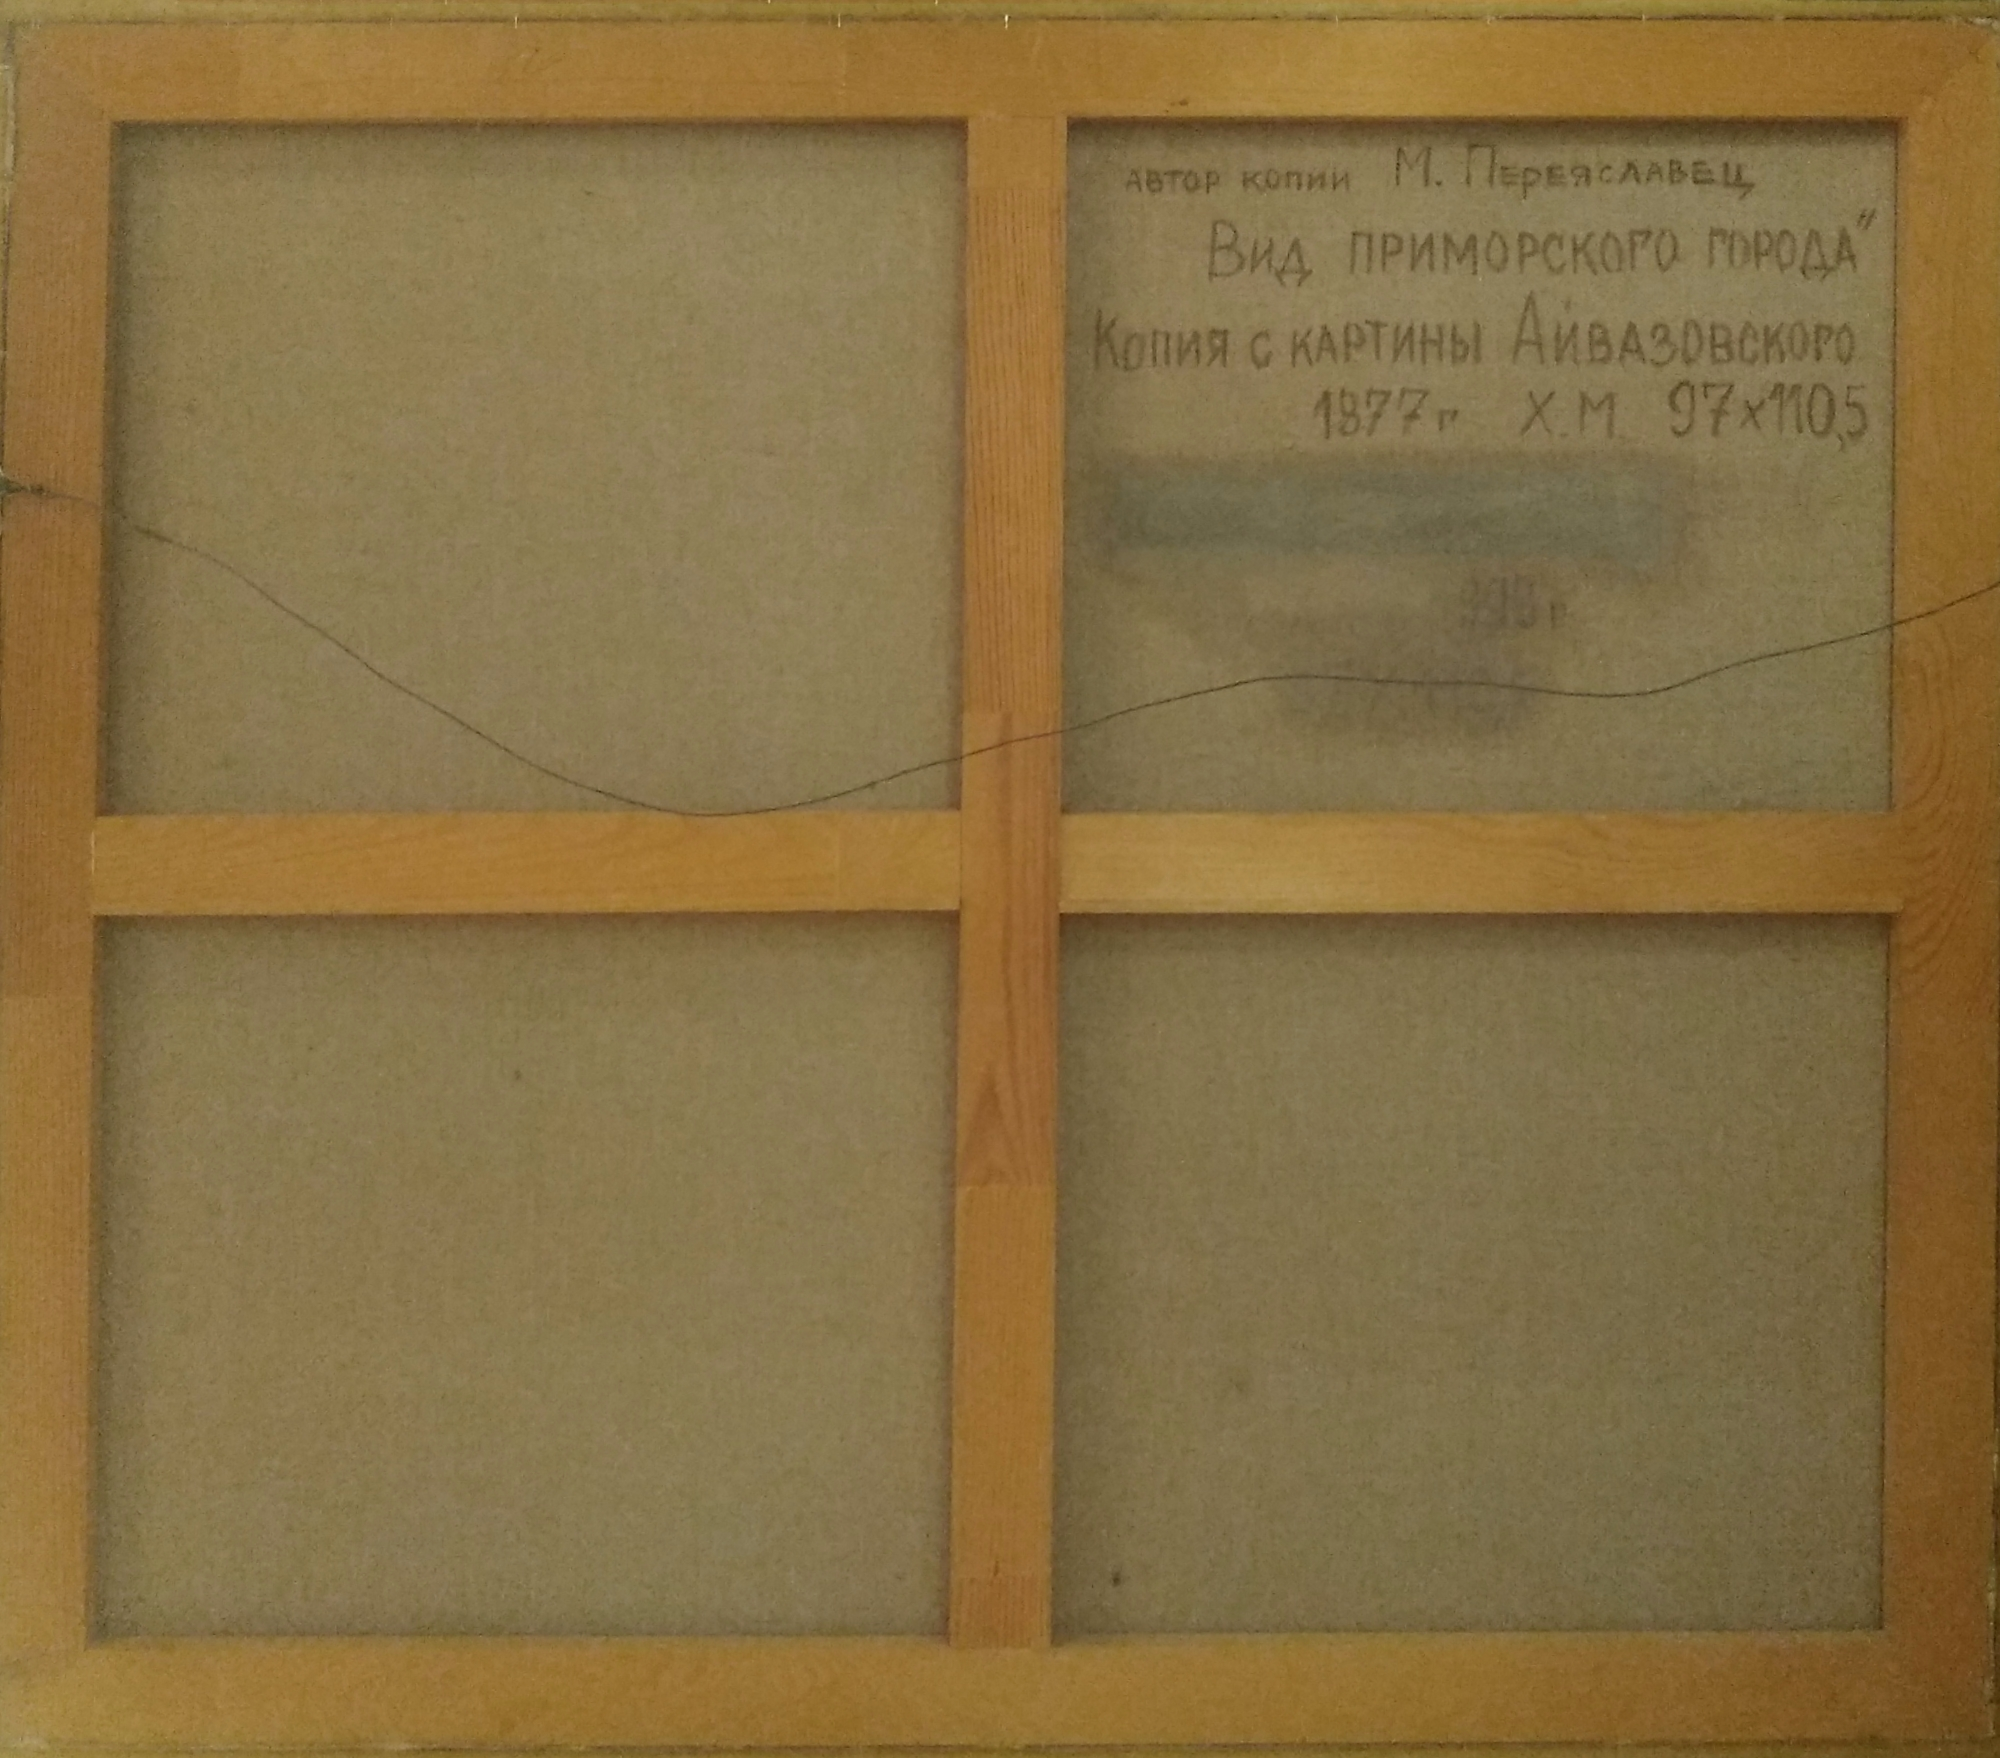 Оборот. Переяславец Мария Владимировна. Вид приморского города